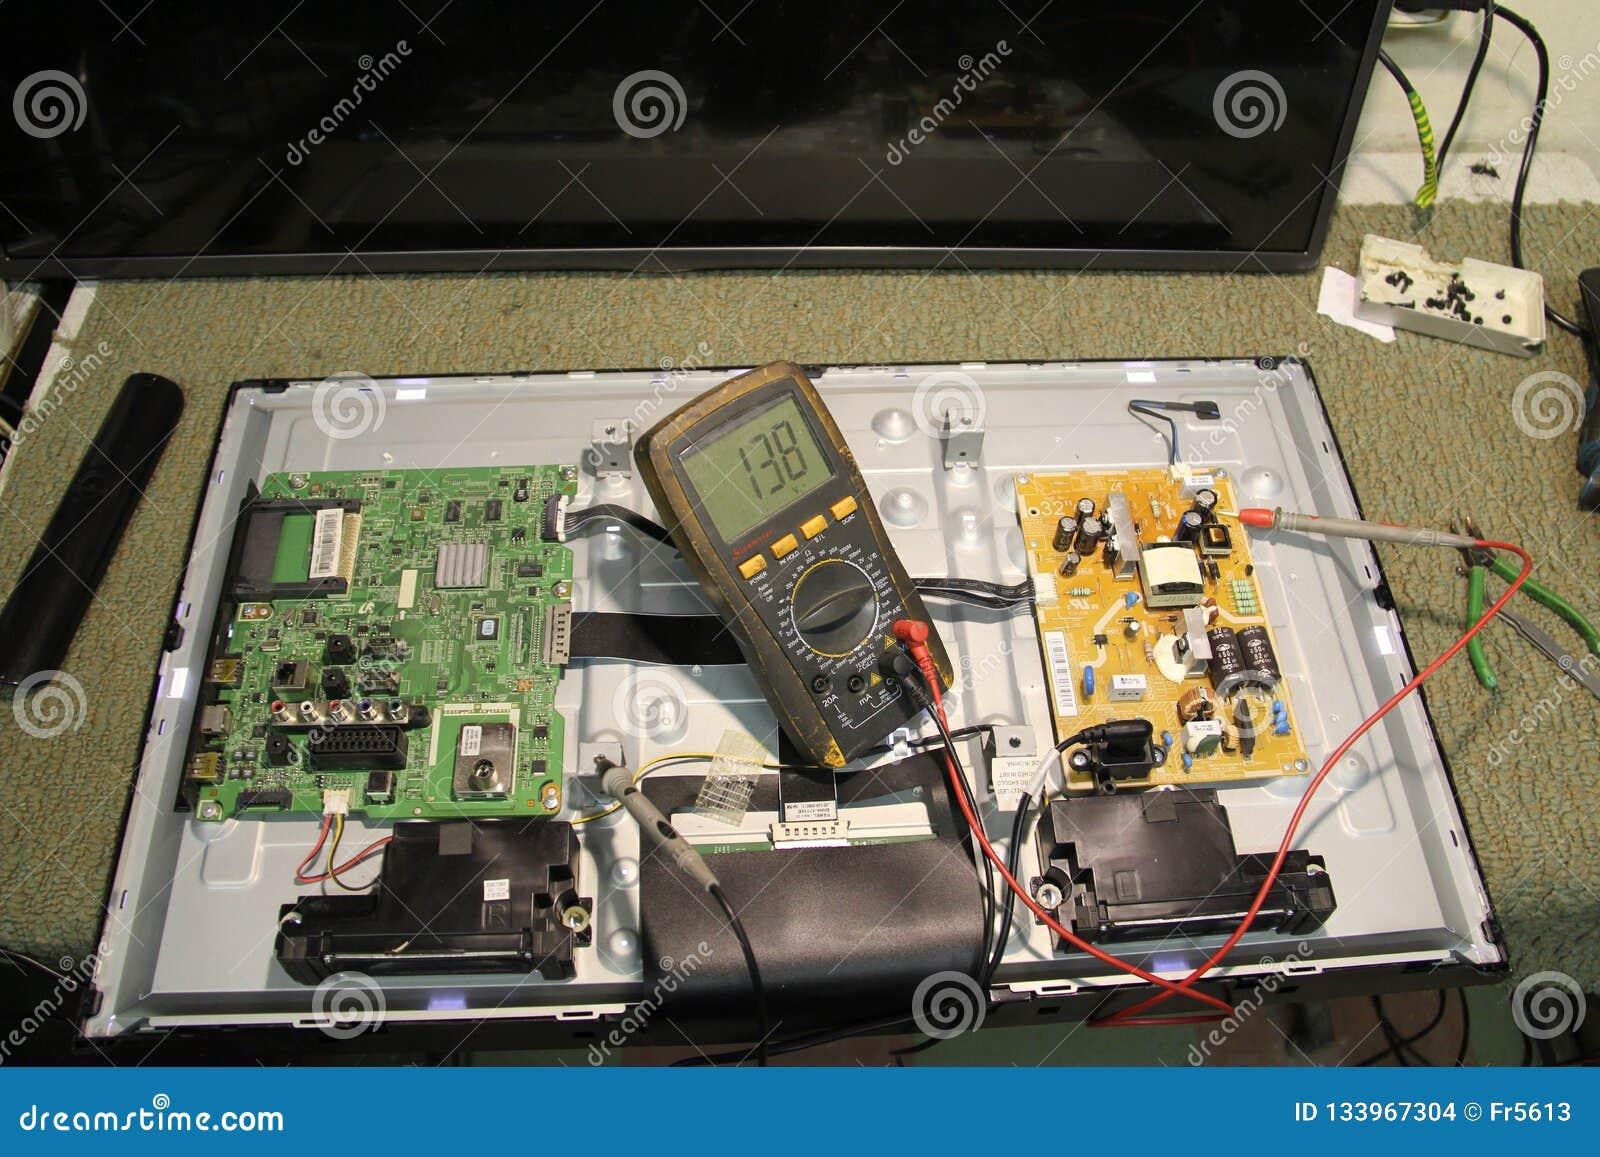 Technologie Diagnostycy i naprawa komputerowa deska urządzenie elektroniczne ciekły kryształ TV